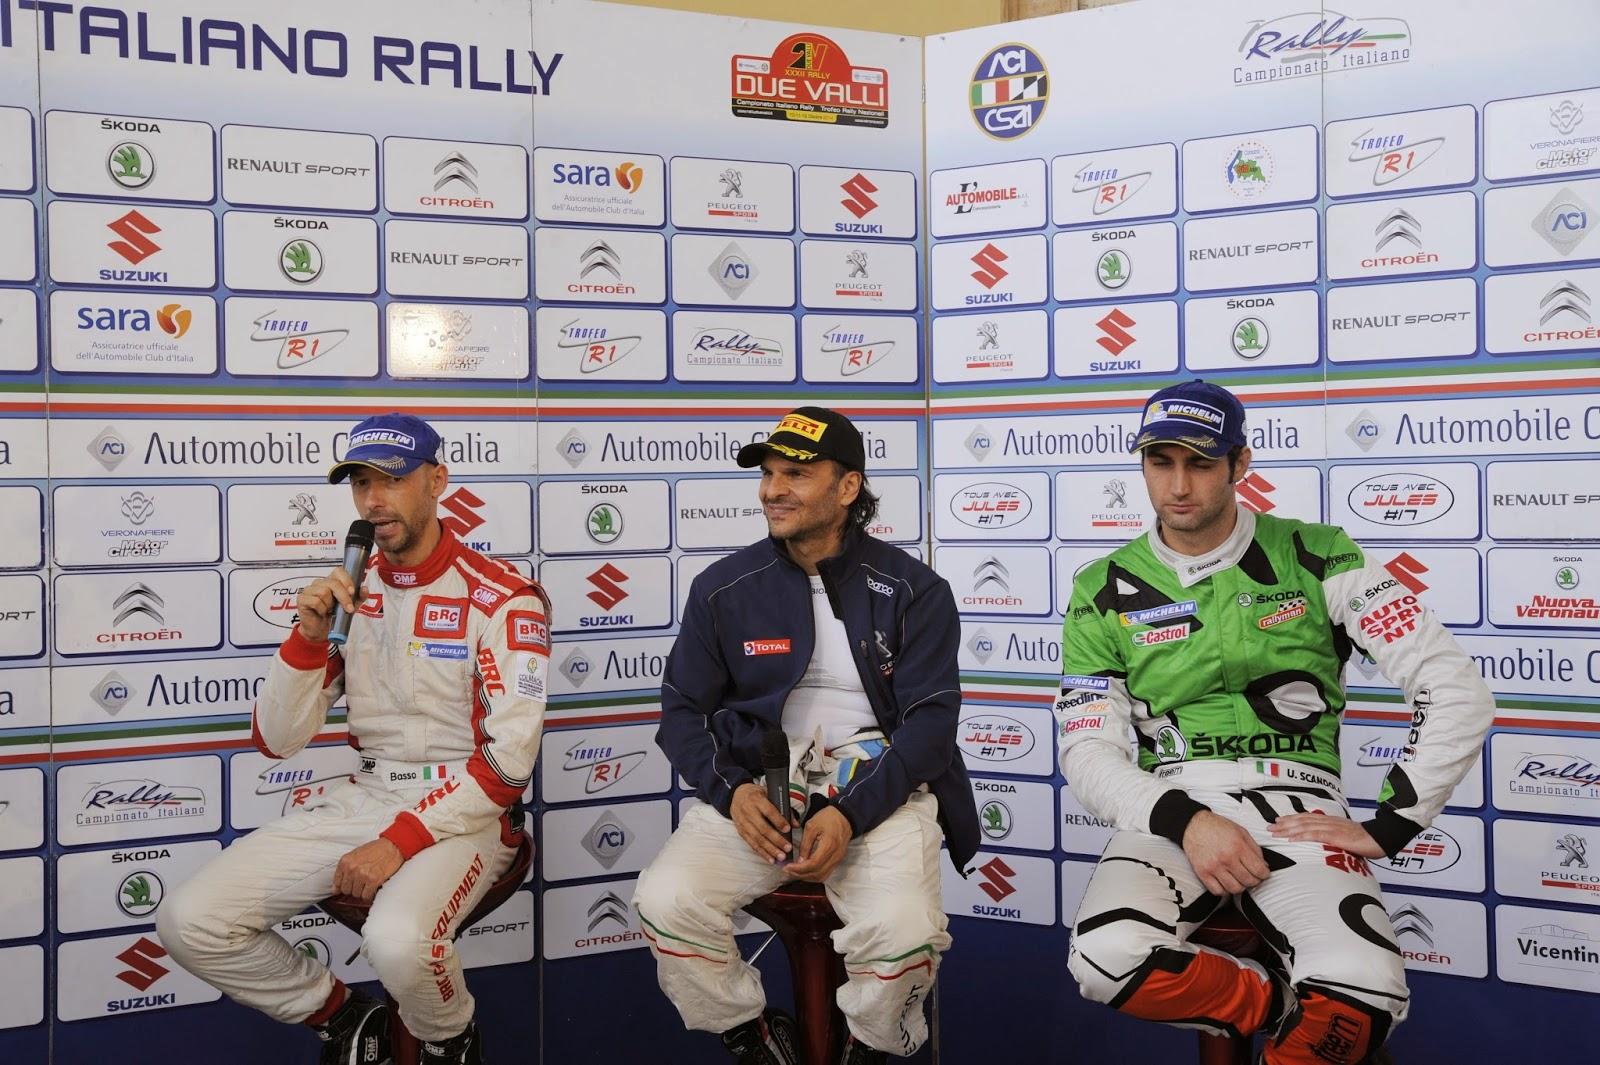 Rally_Due_Valli-basso-andreucci-scandola